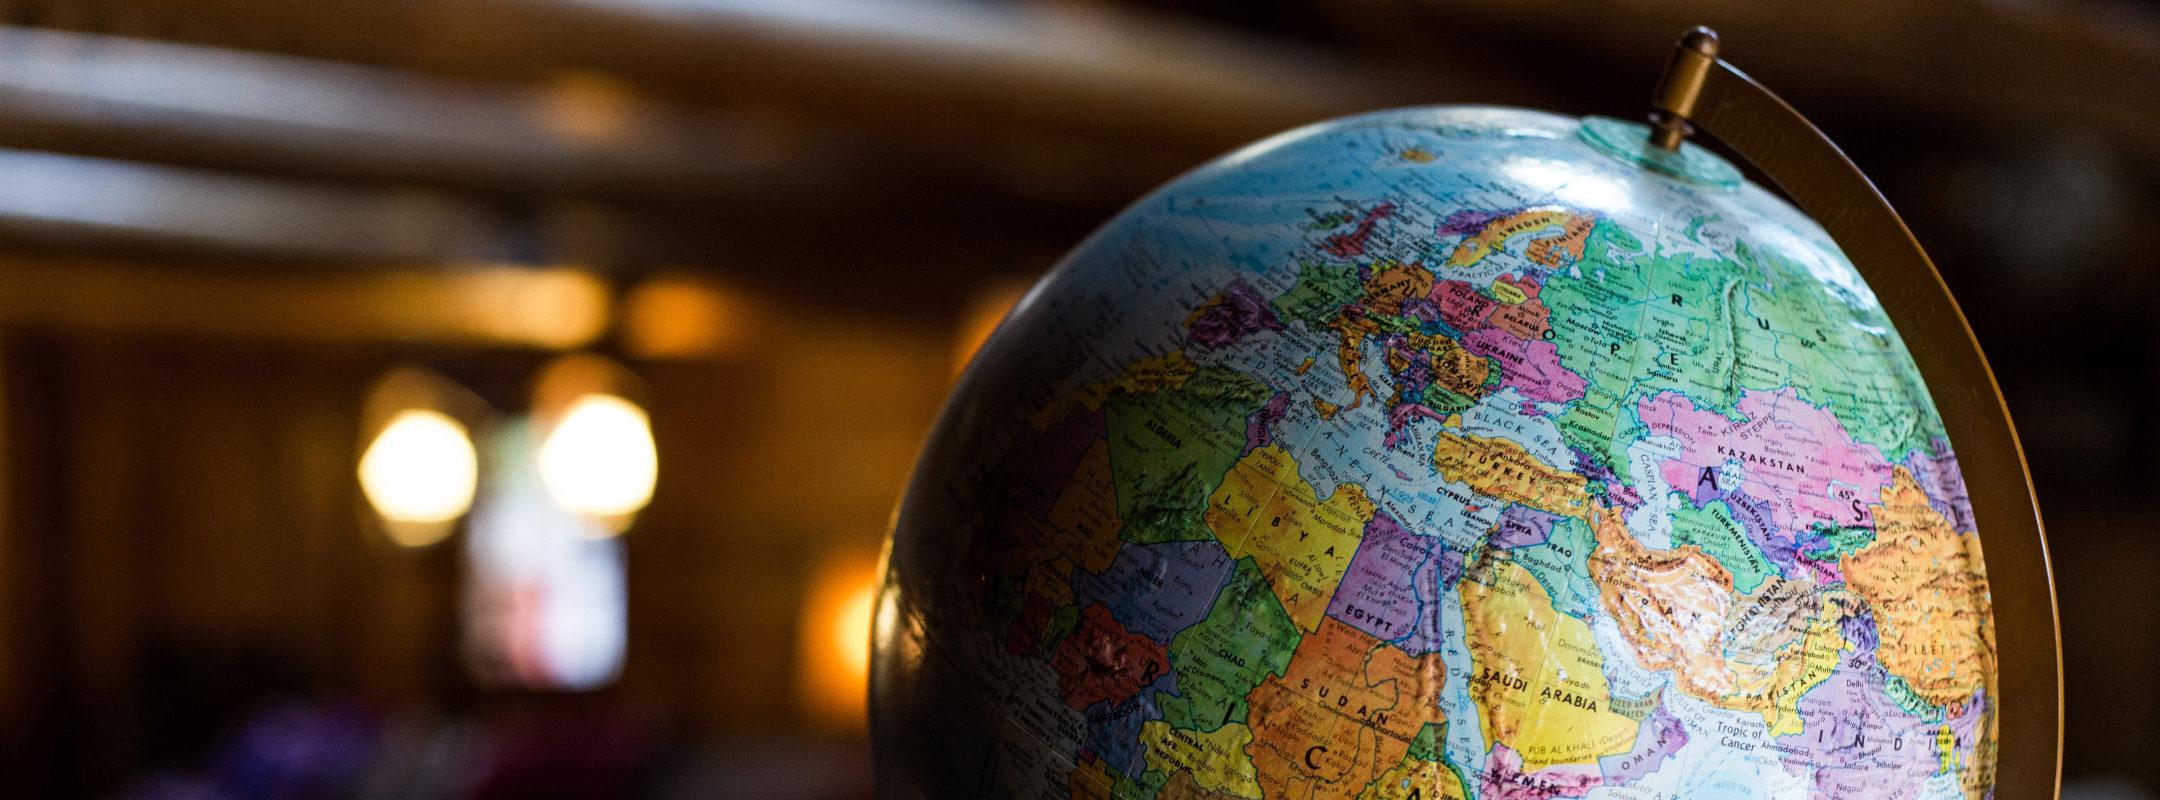 Internationales Recht Studium und Jobchancen